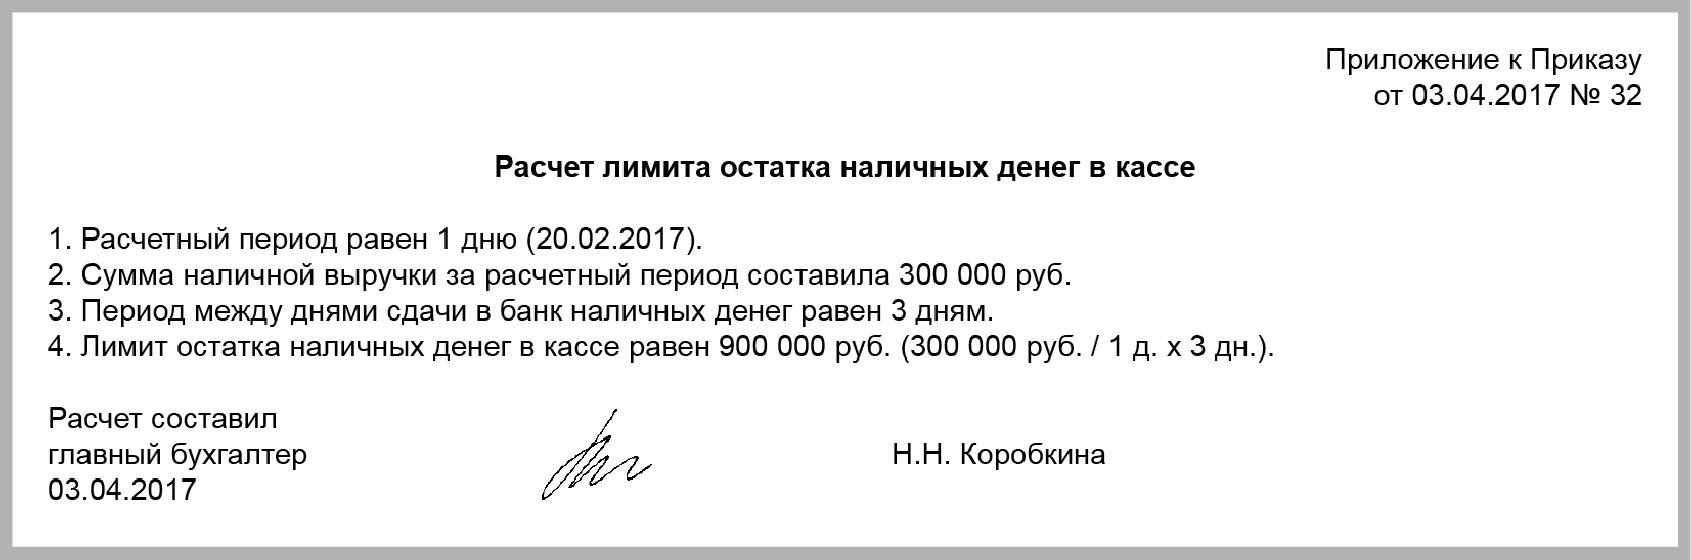 бланк расчета лимита наличных денежных средств в кассе